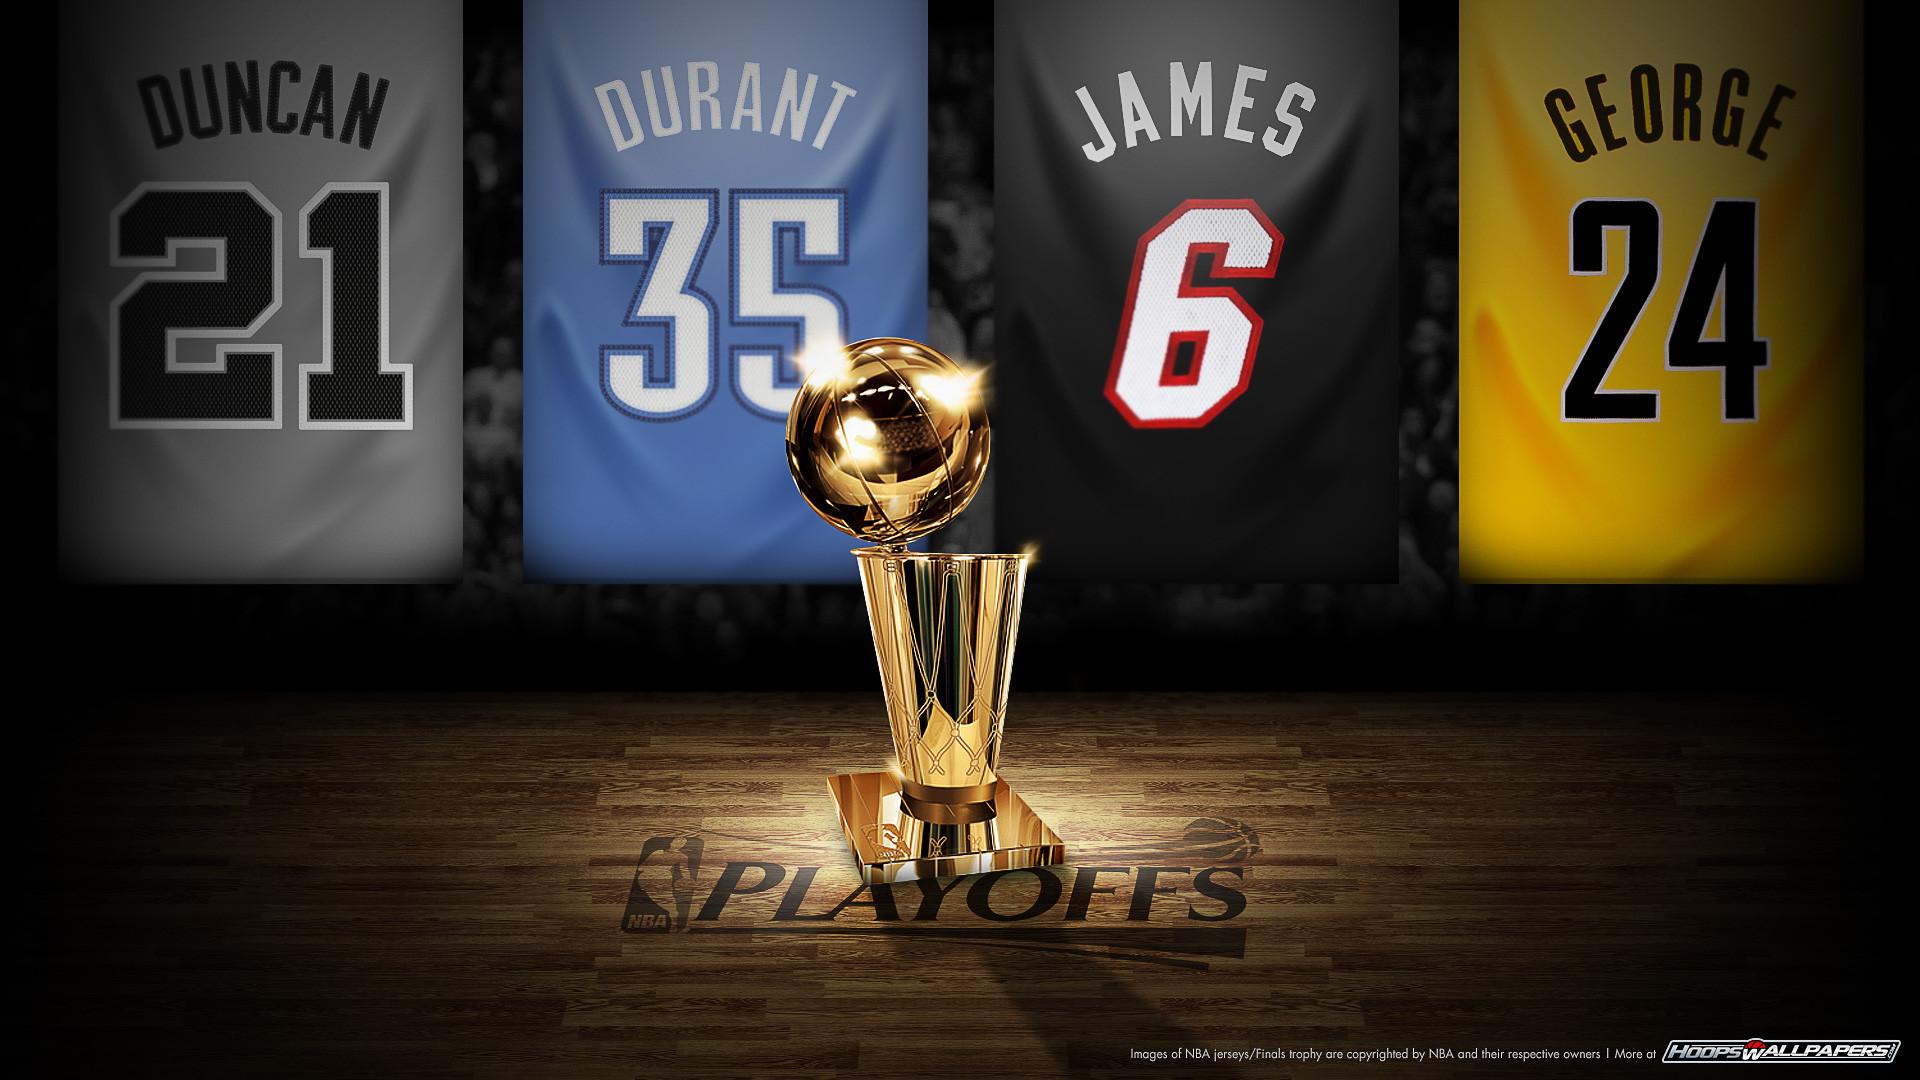 2013 NBA Playoffs 2560×1600 Wallpaper | Basketball Wallpapers at | Free  Wallpapers | Pinterest | Nba playoffs, NBA and Nba wallpapers